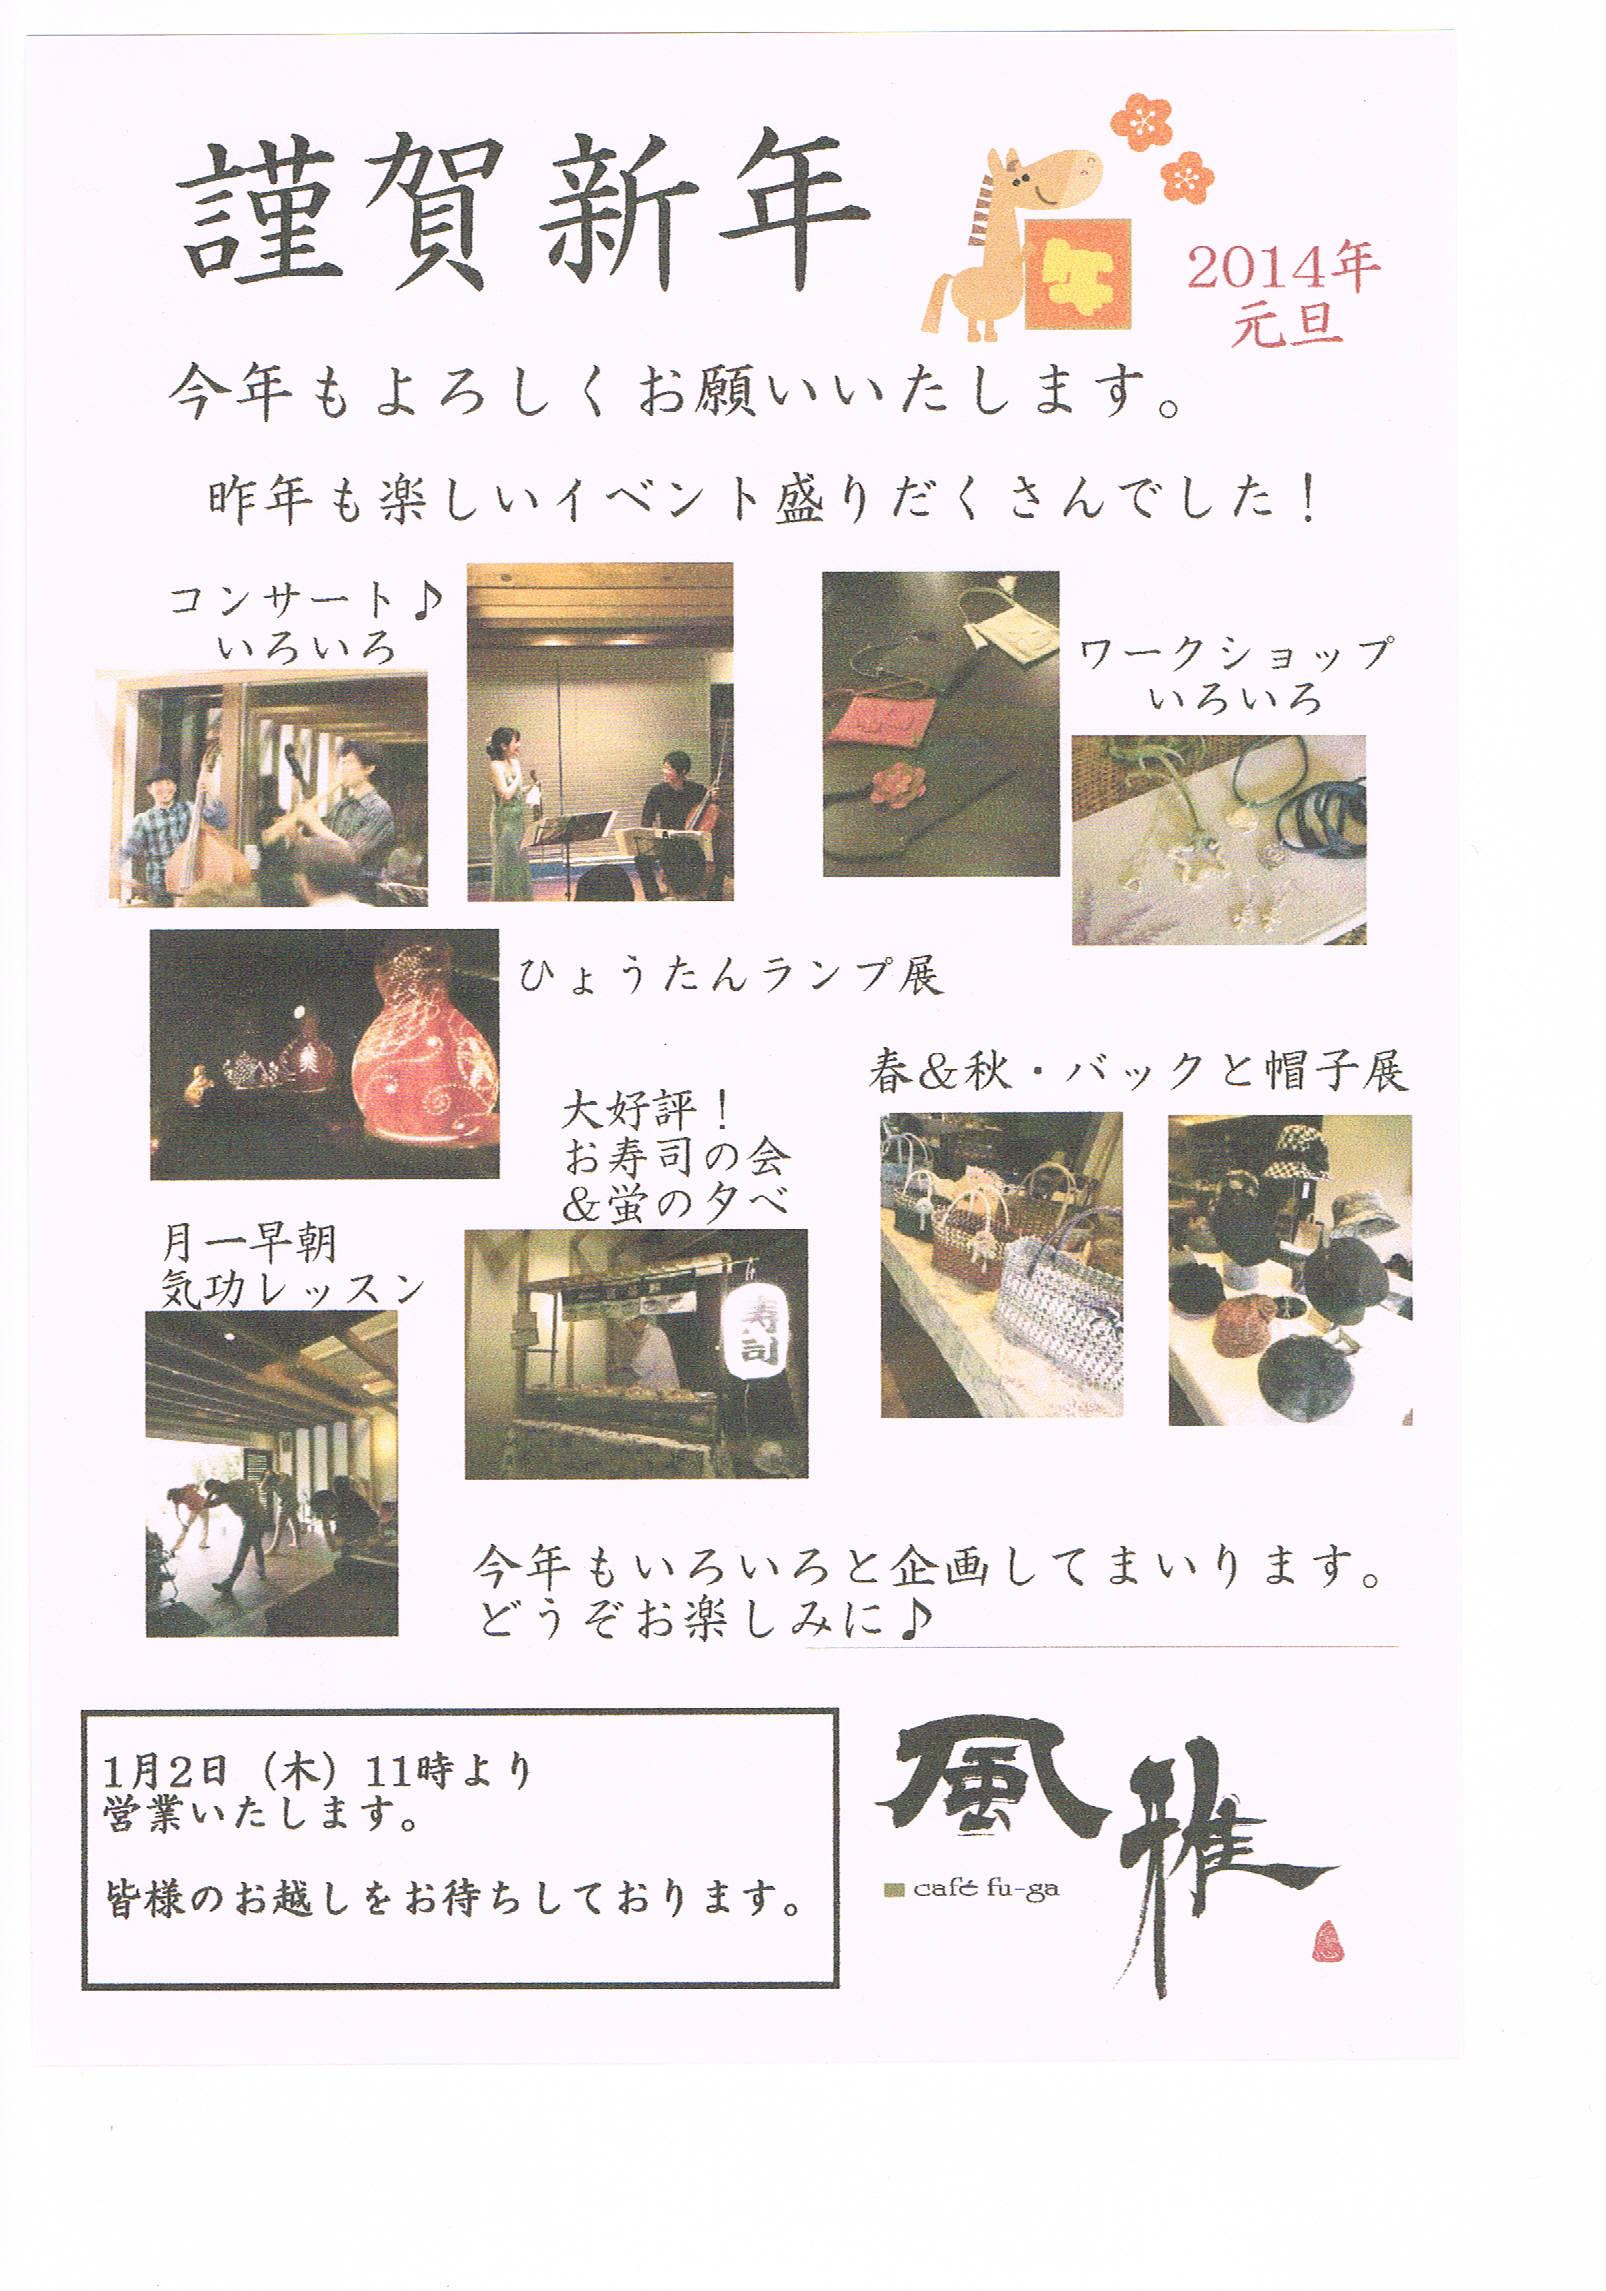 CCE20140101_00000.jpg